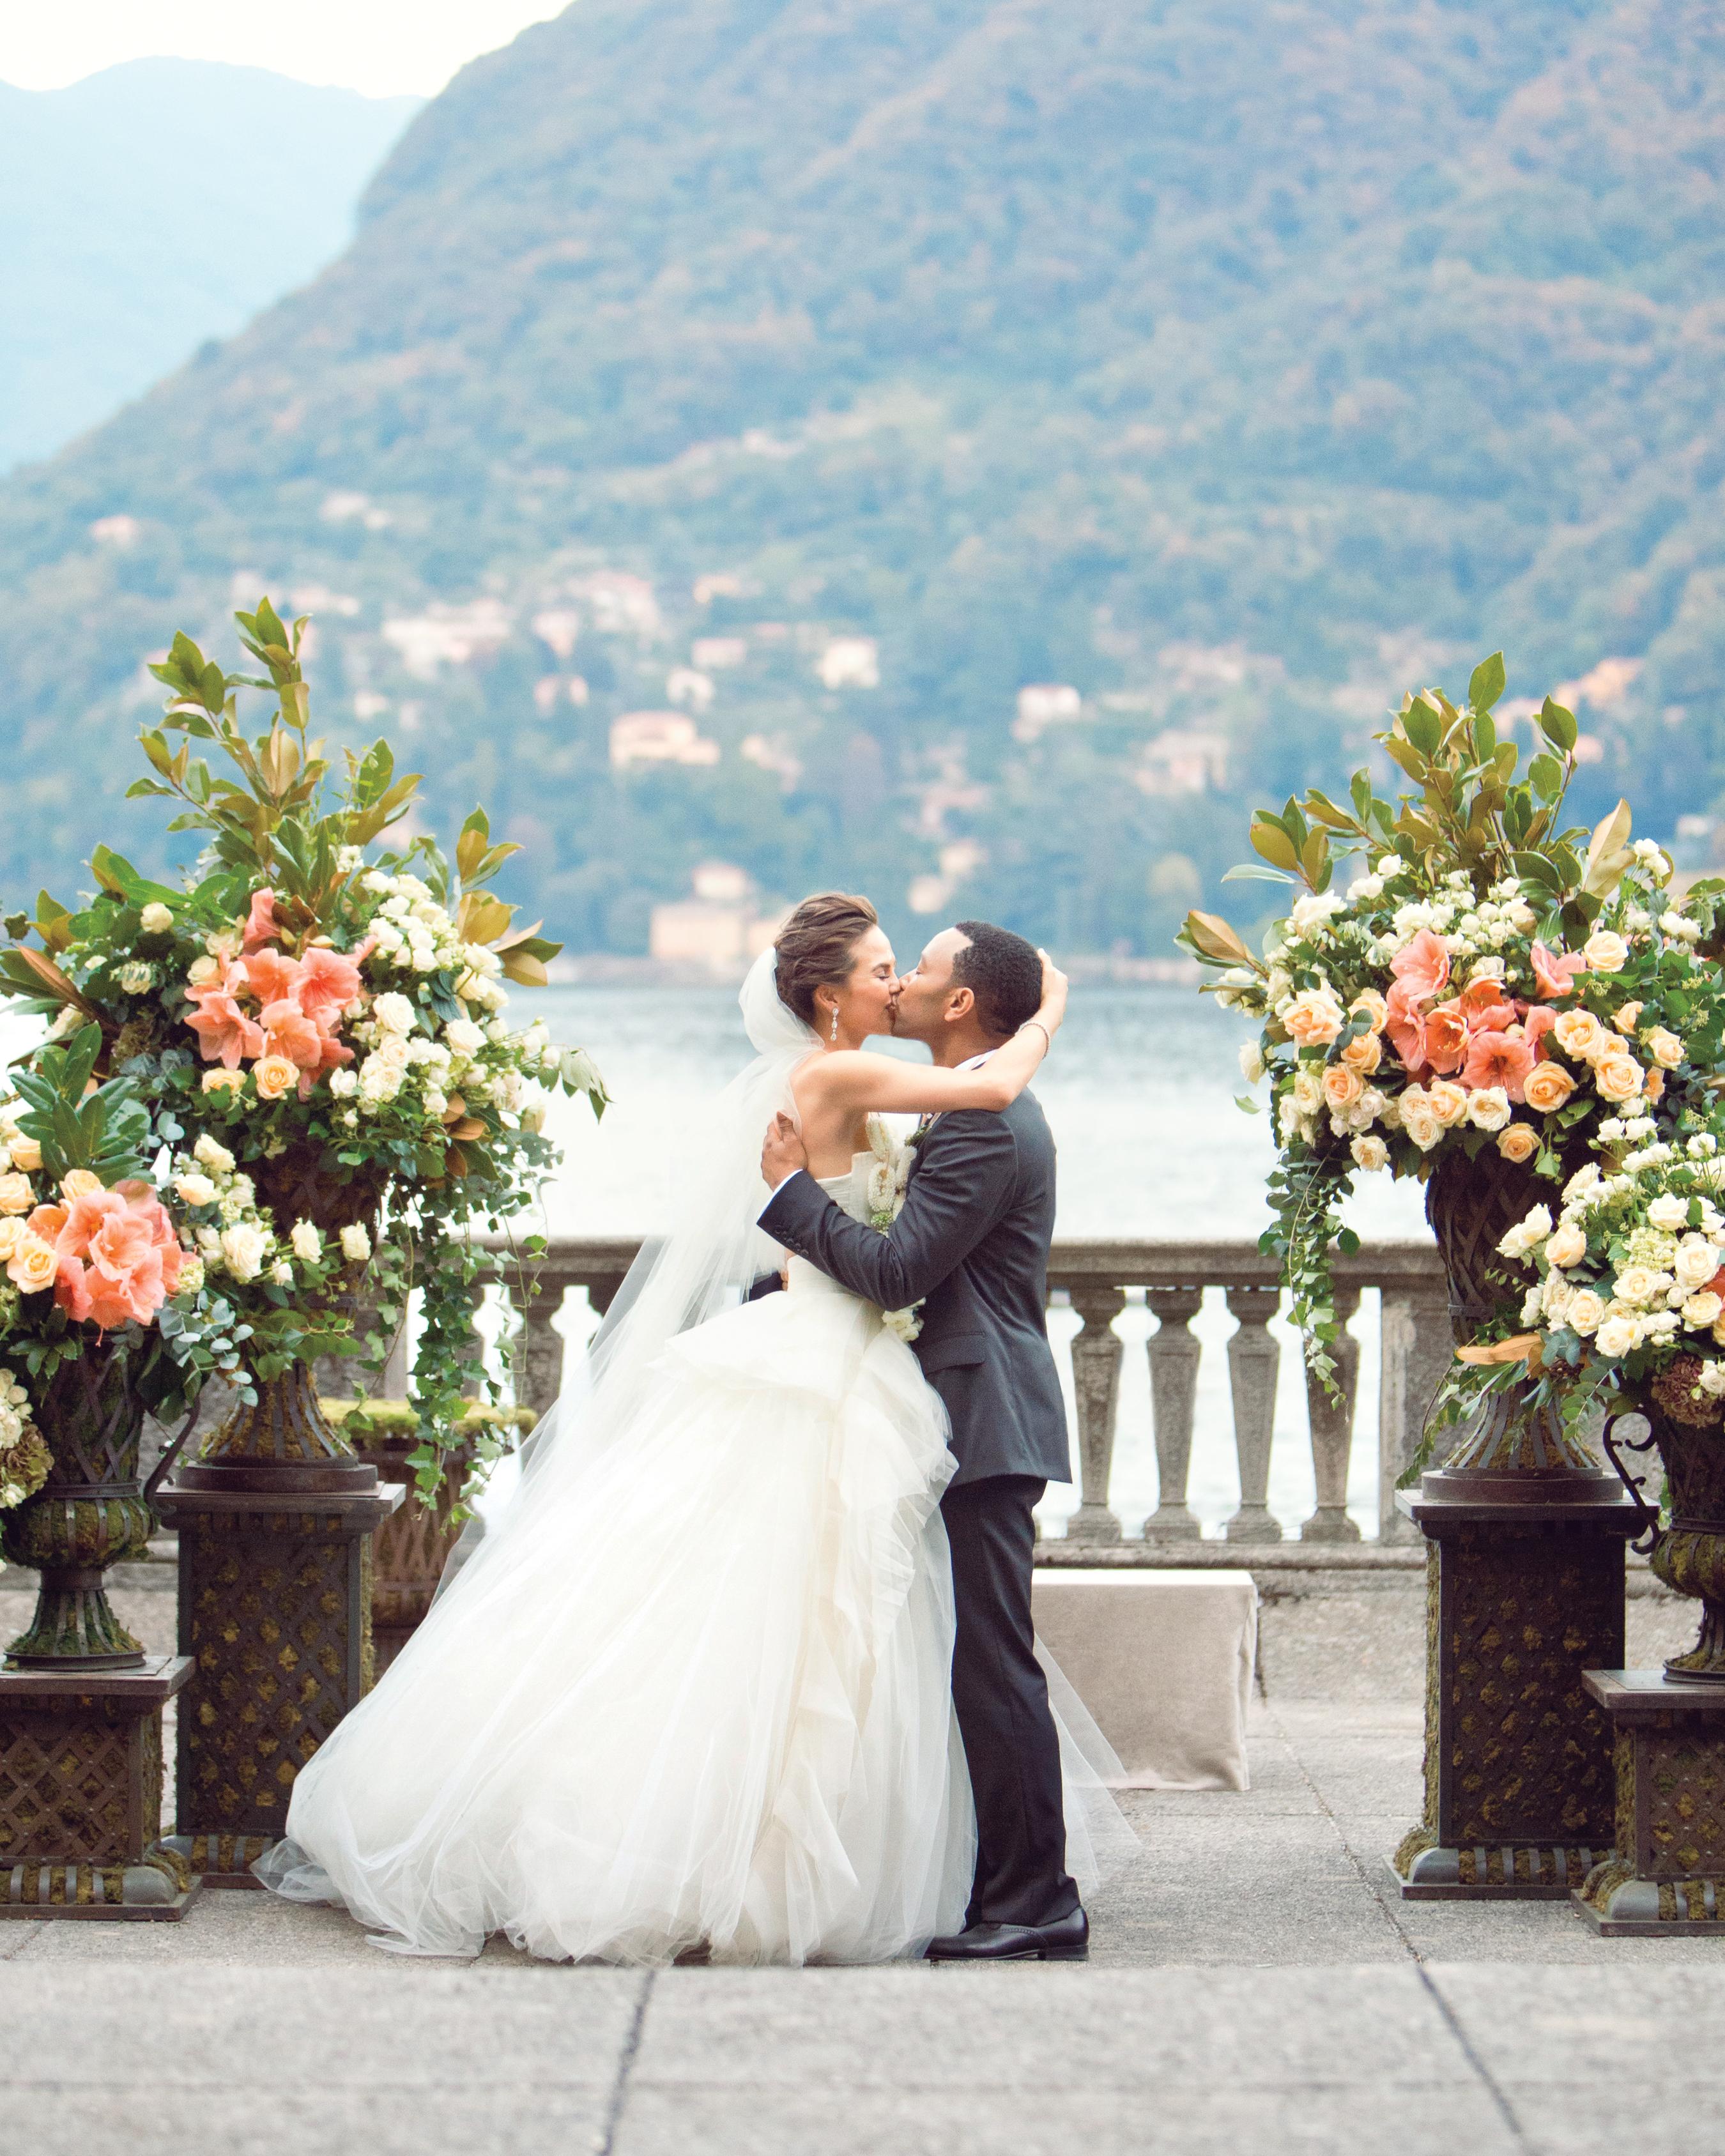 bride-groom-johnlegend-kiss-delesie0072-mwds110843.jpg